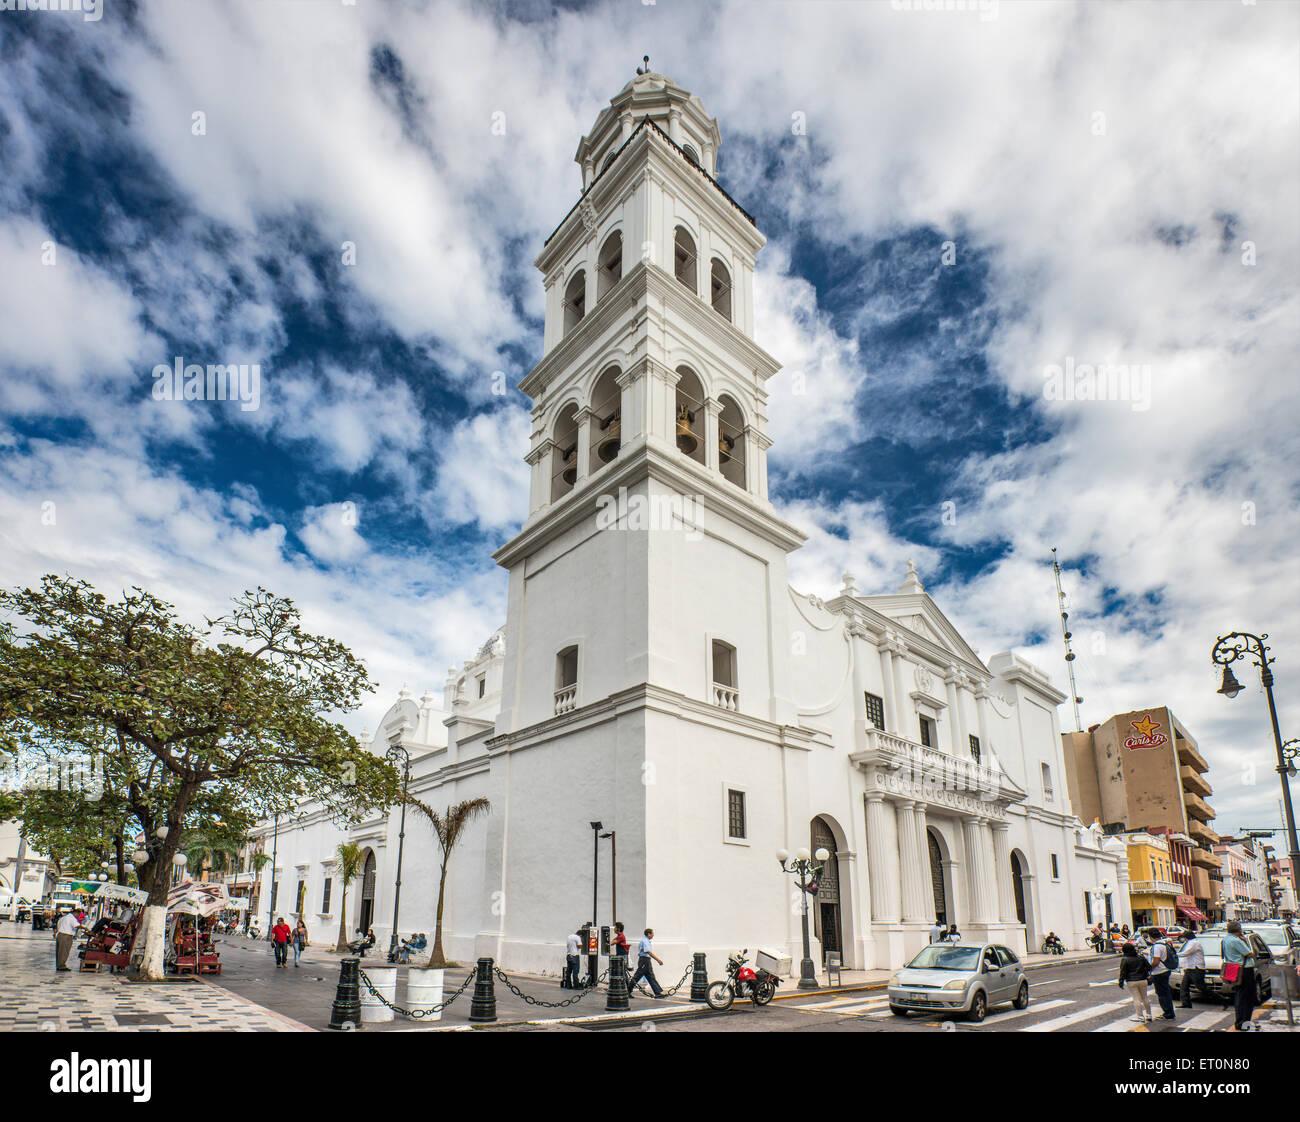 Catedral de Nuestra Senora de Asuncion, Plaza de Armas (zocalo) in Veracruz, Mexico - Stock Image